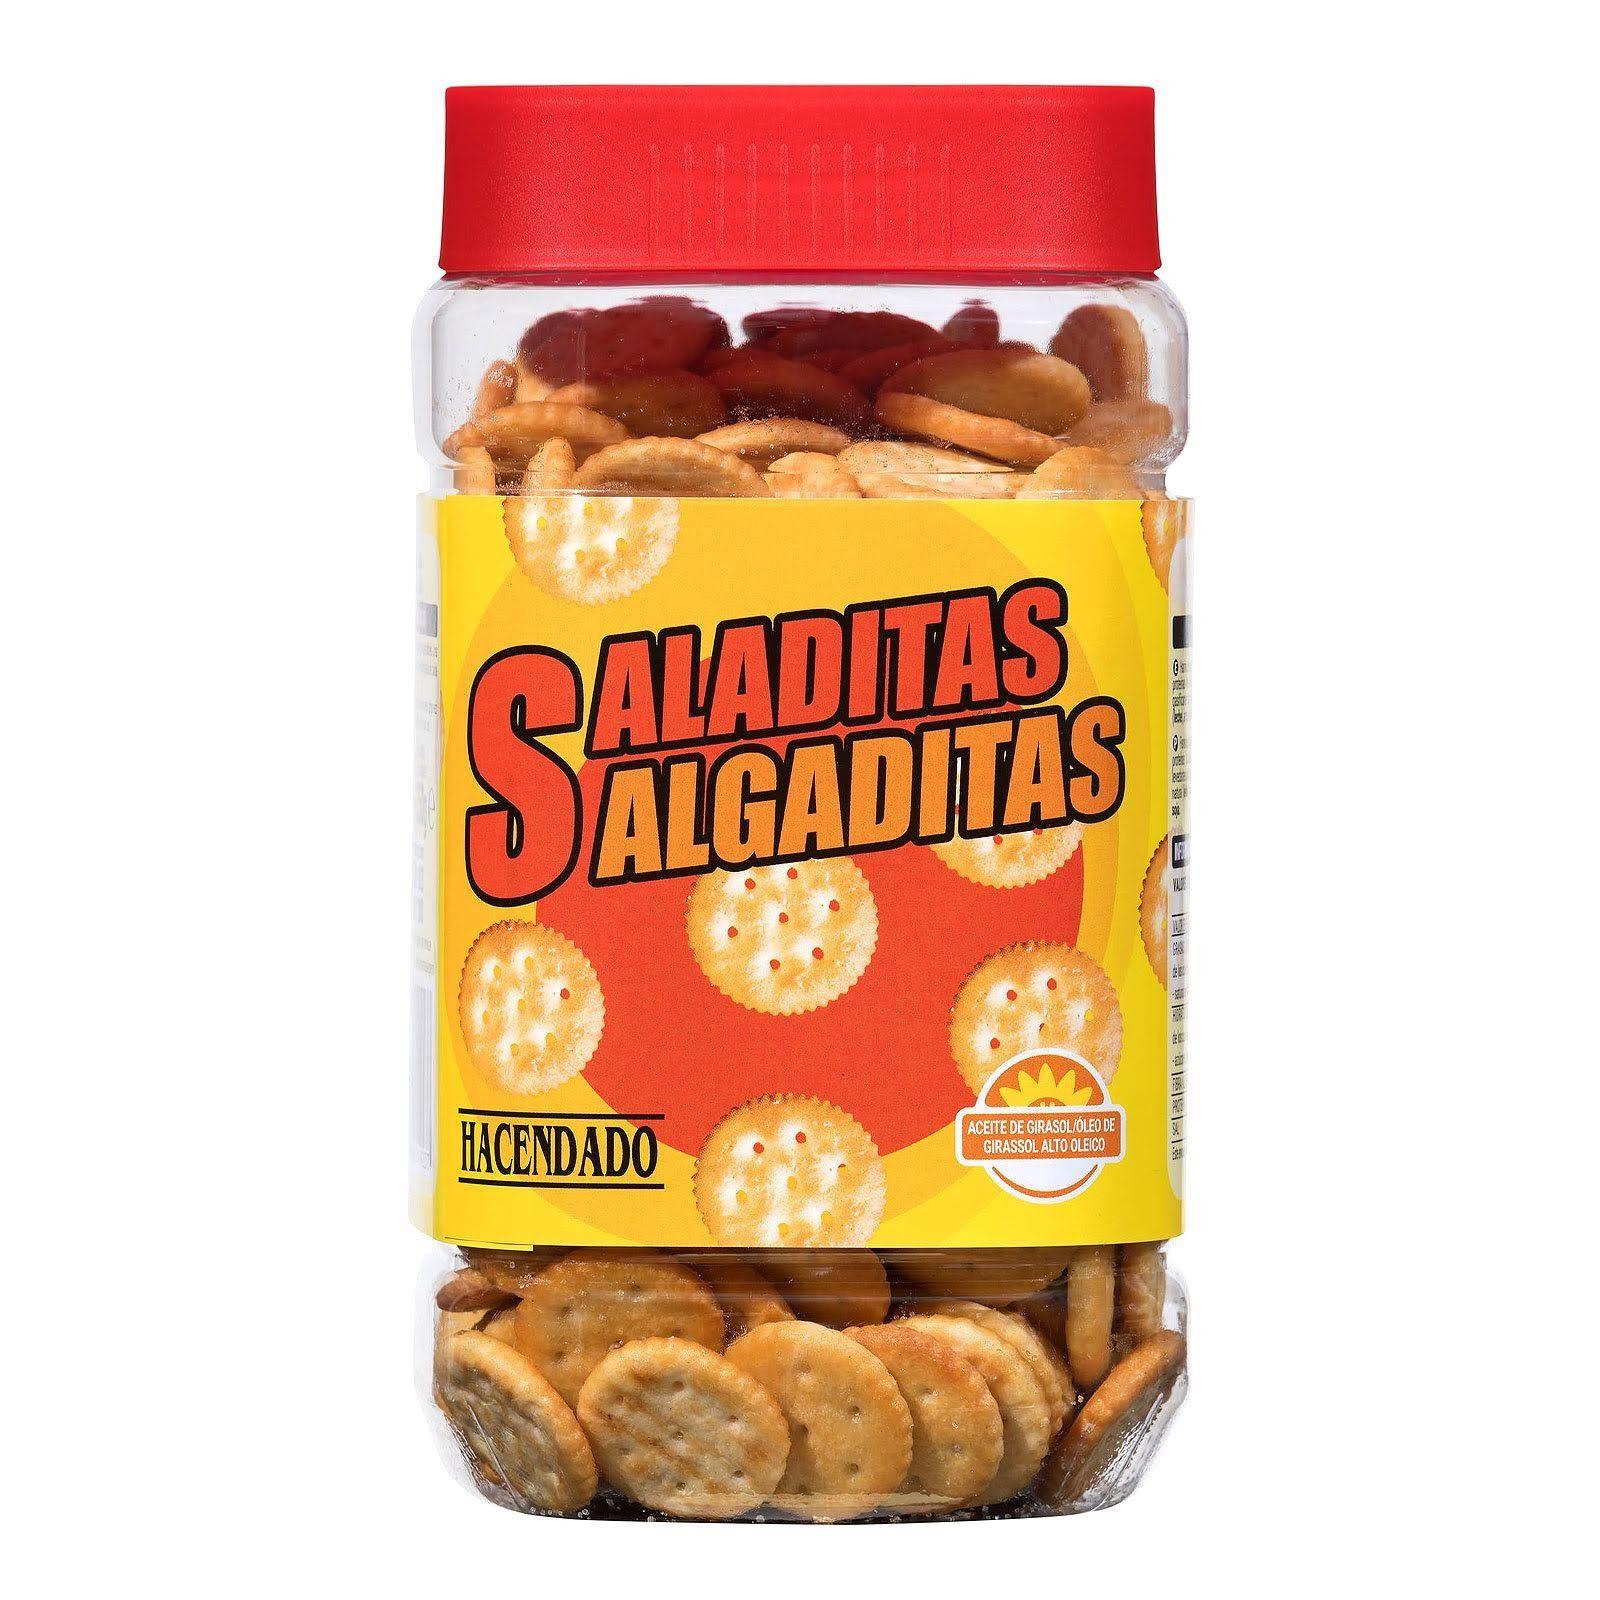 galletitas-saladitas-hacendado-mercadona-1-8621910